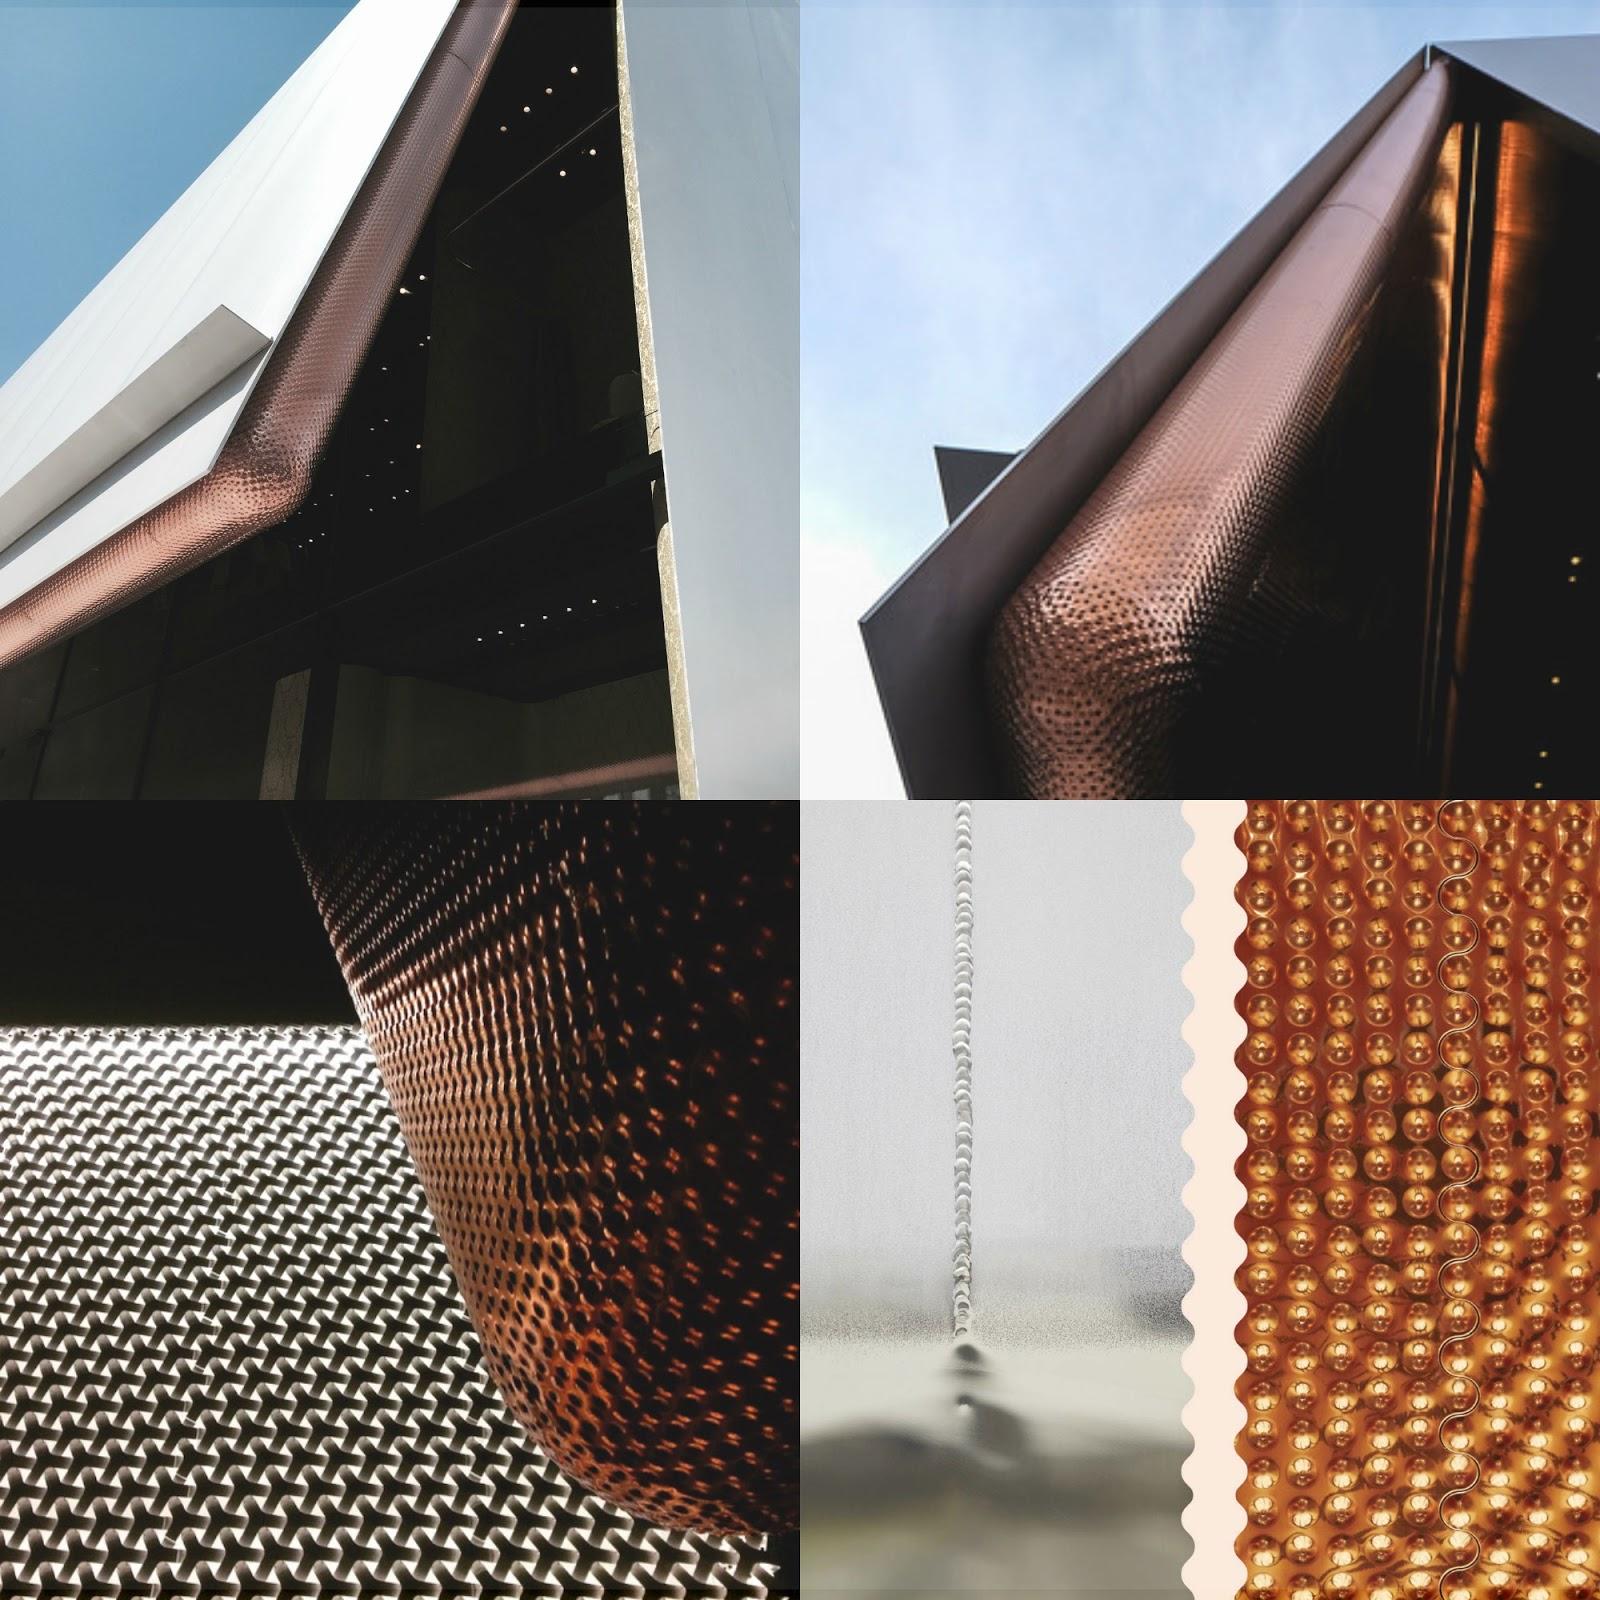 4126a9e274d06 Lo studio di architettura Herzog   de Meuron, riassume in questo modo i  punti chiave per la realizzazione del nuovo Store Miu Miu a Aoyama, Tokyo.